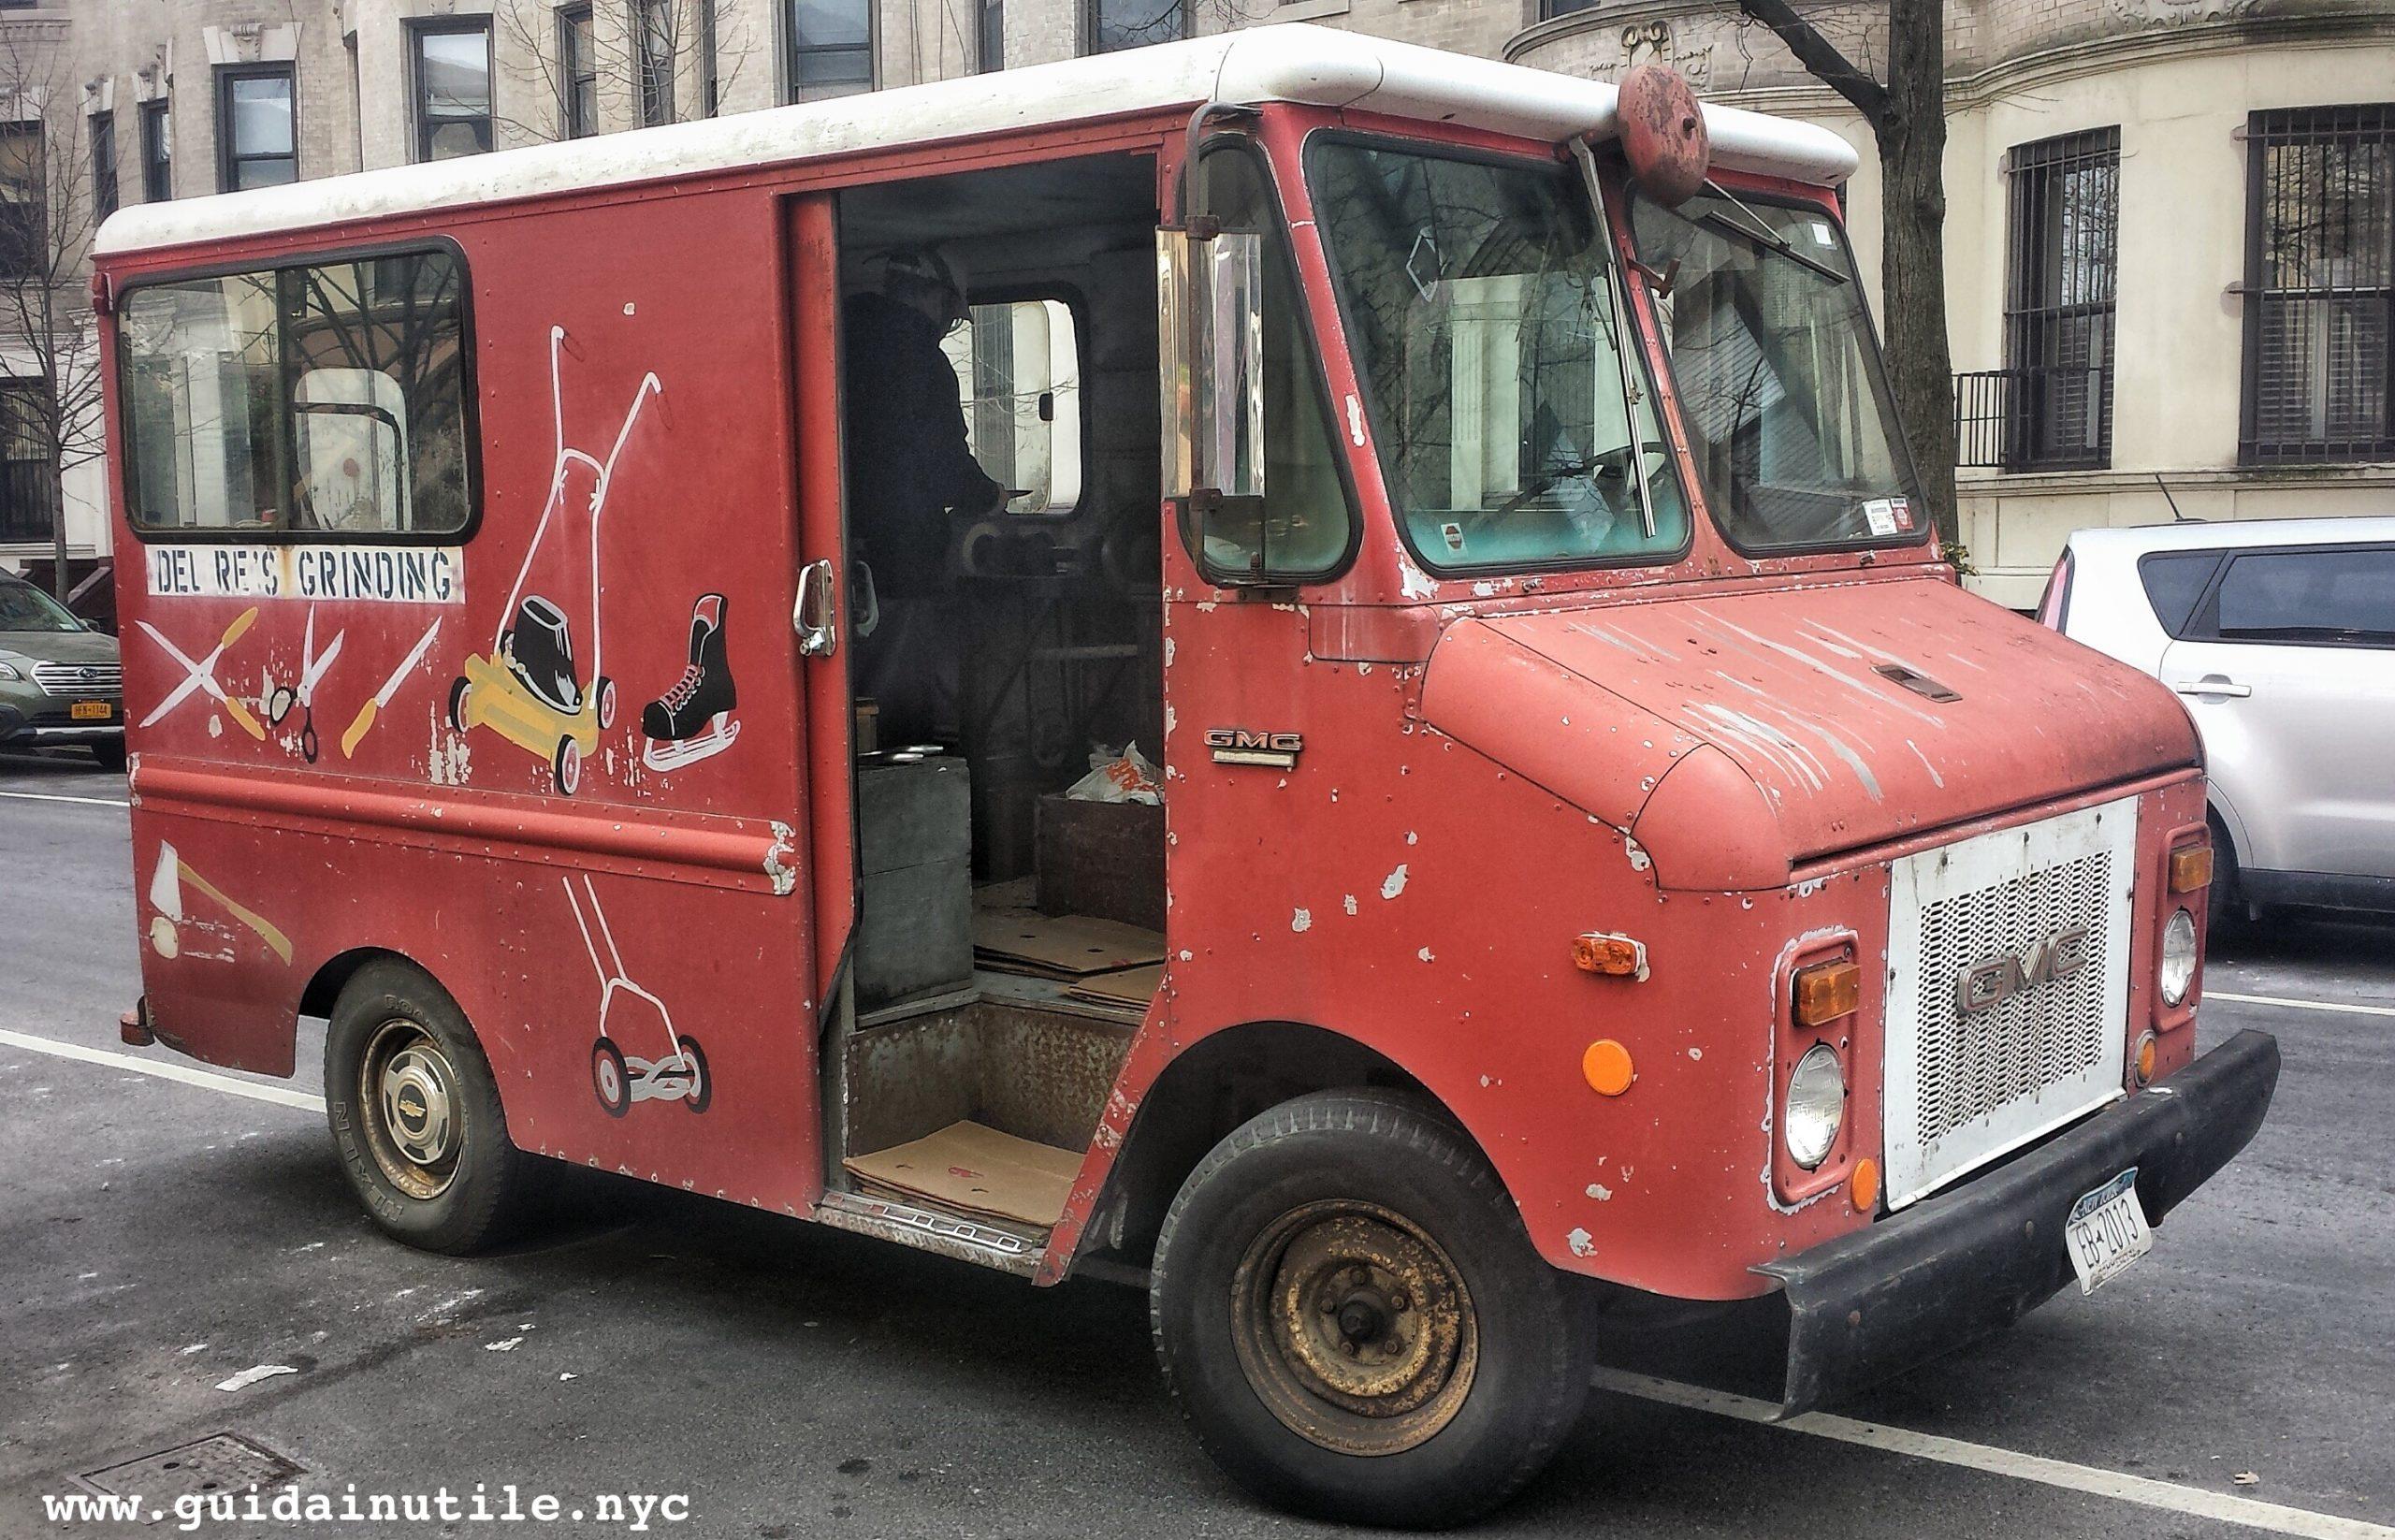 Del Re, grinding, grinder, arrotino, New York, Brooklyn